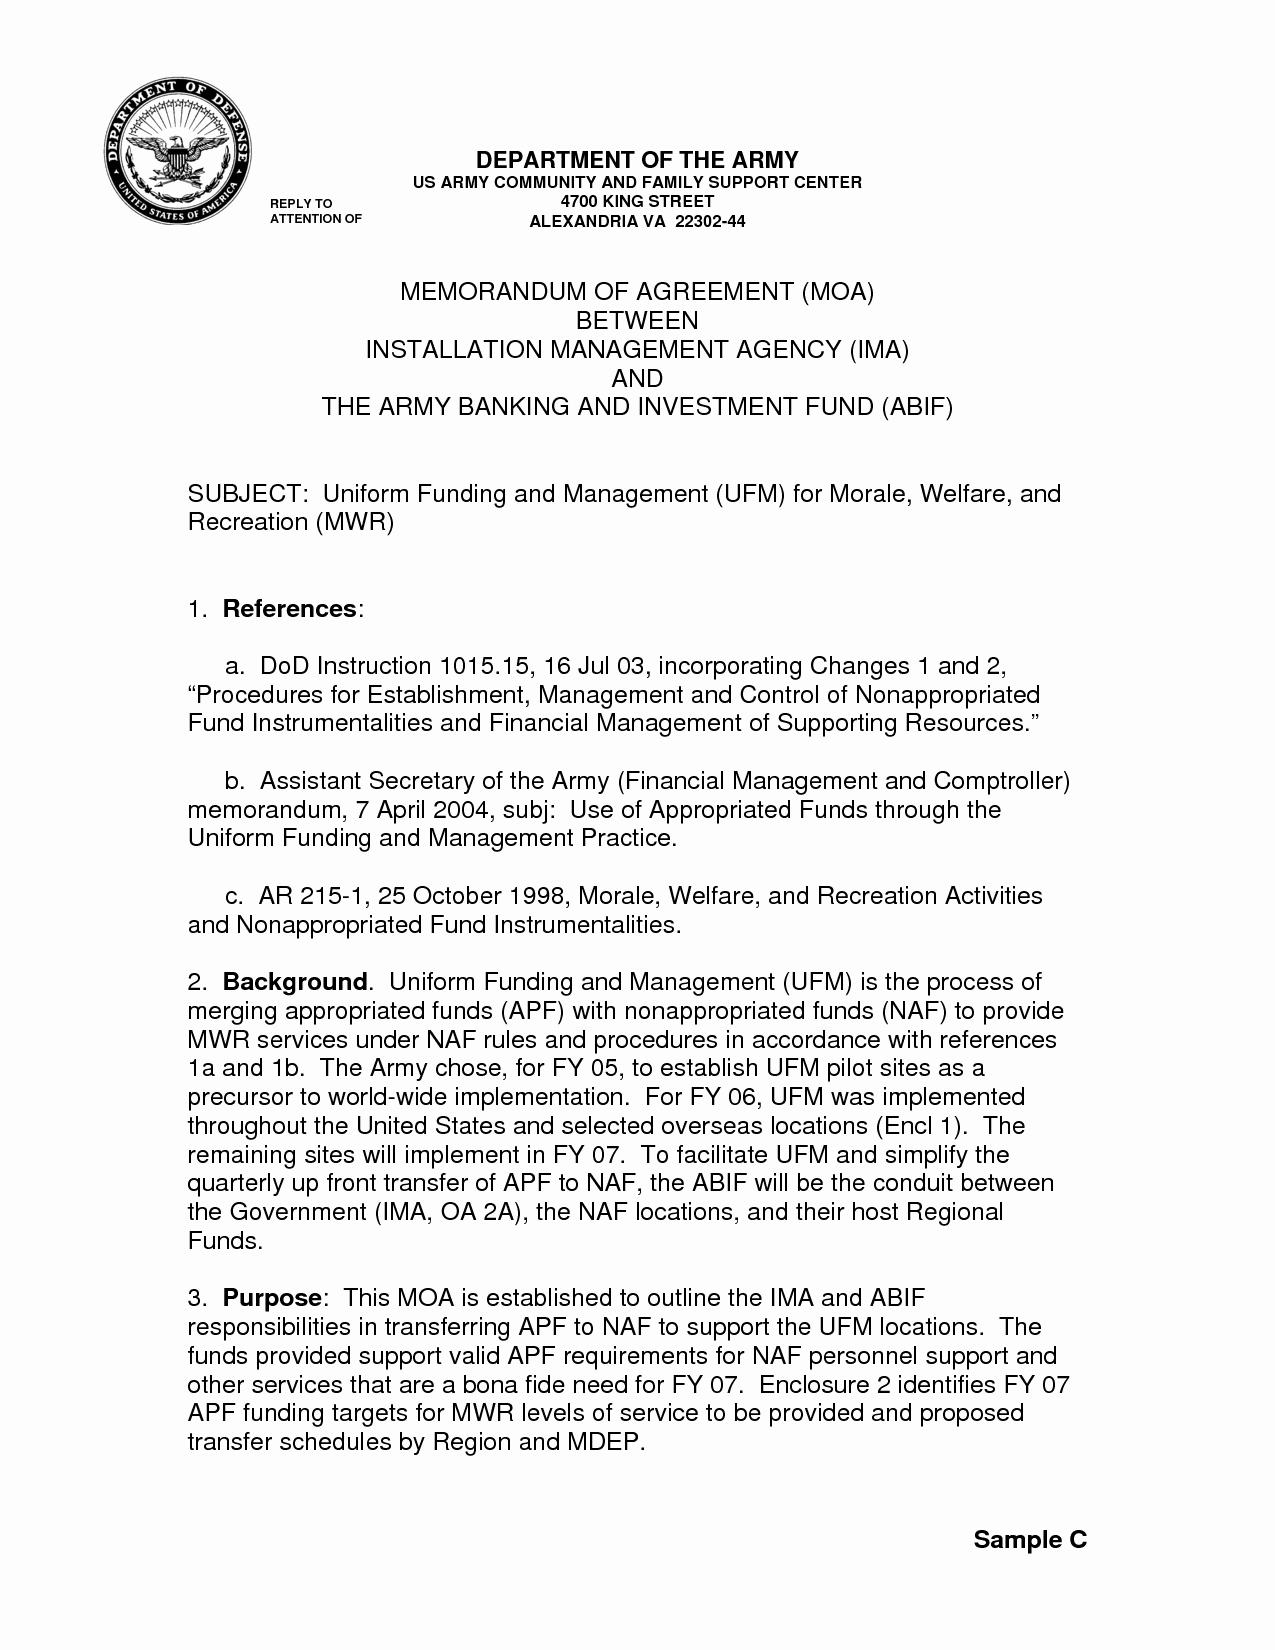 Memorandum Of Agreement Samples Unique 12 Best Of Sample Memorandum From Army Sample